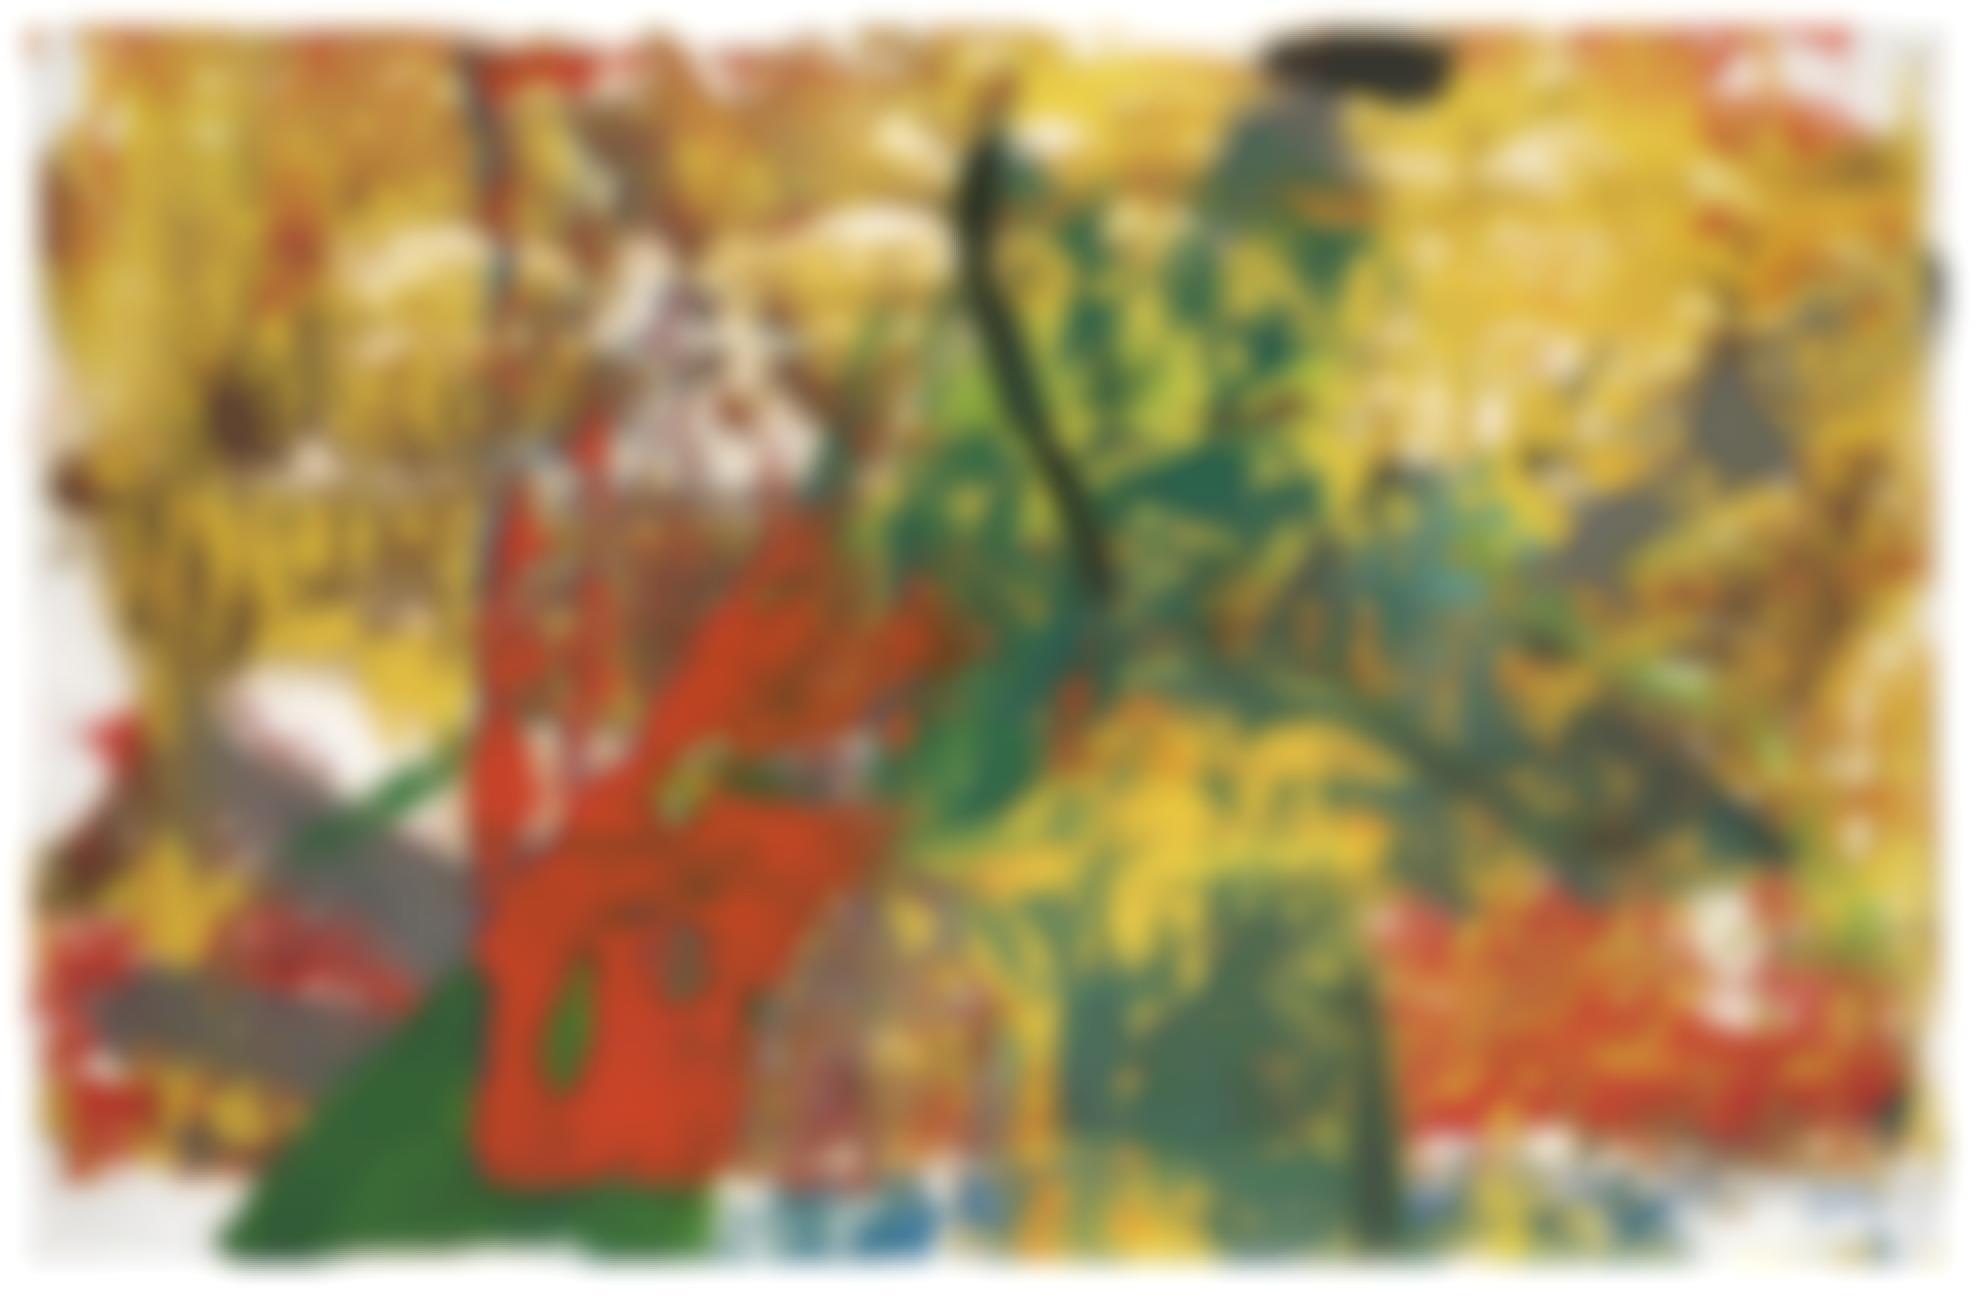 Gerhard Richter-Untitled (19.3.86)-1986